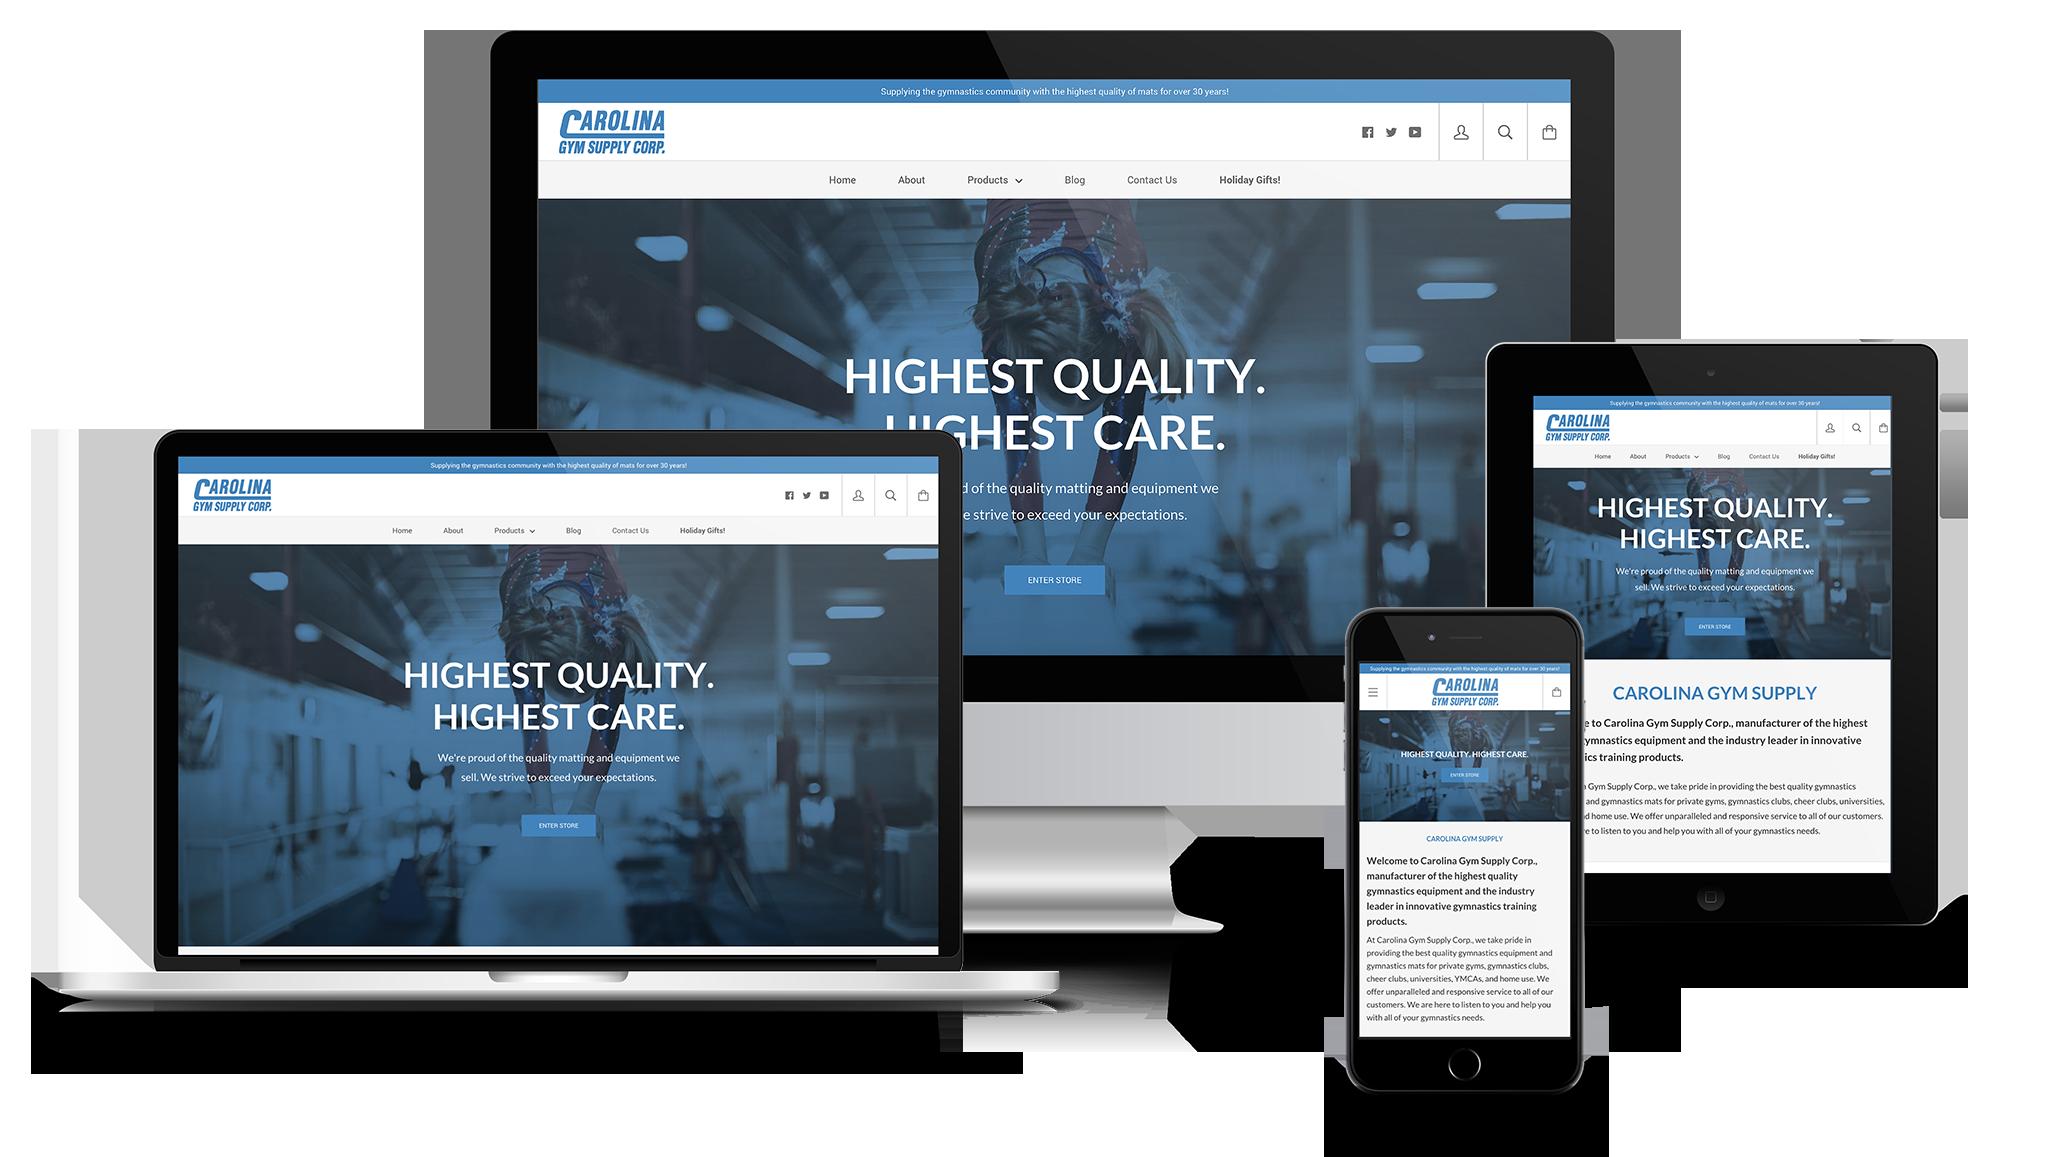 Carolina Gym Web Design